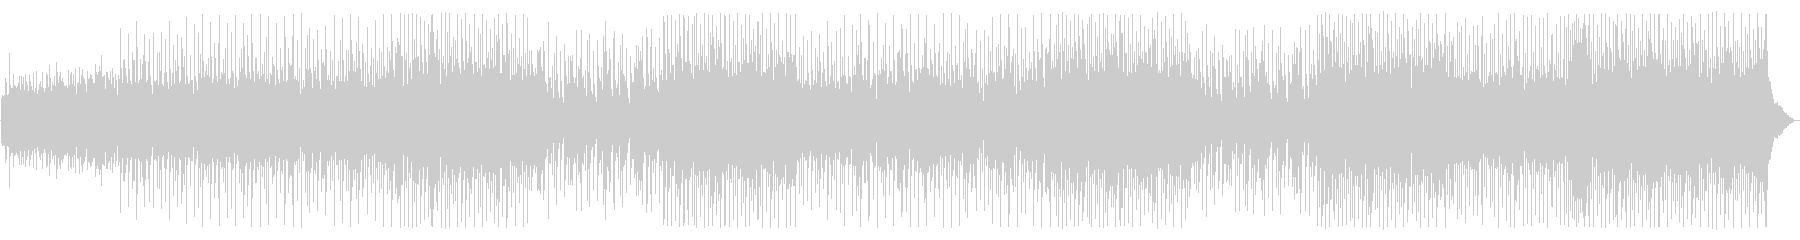 マンドリン、ギター、アコーディオン...の未再生の波形